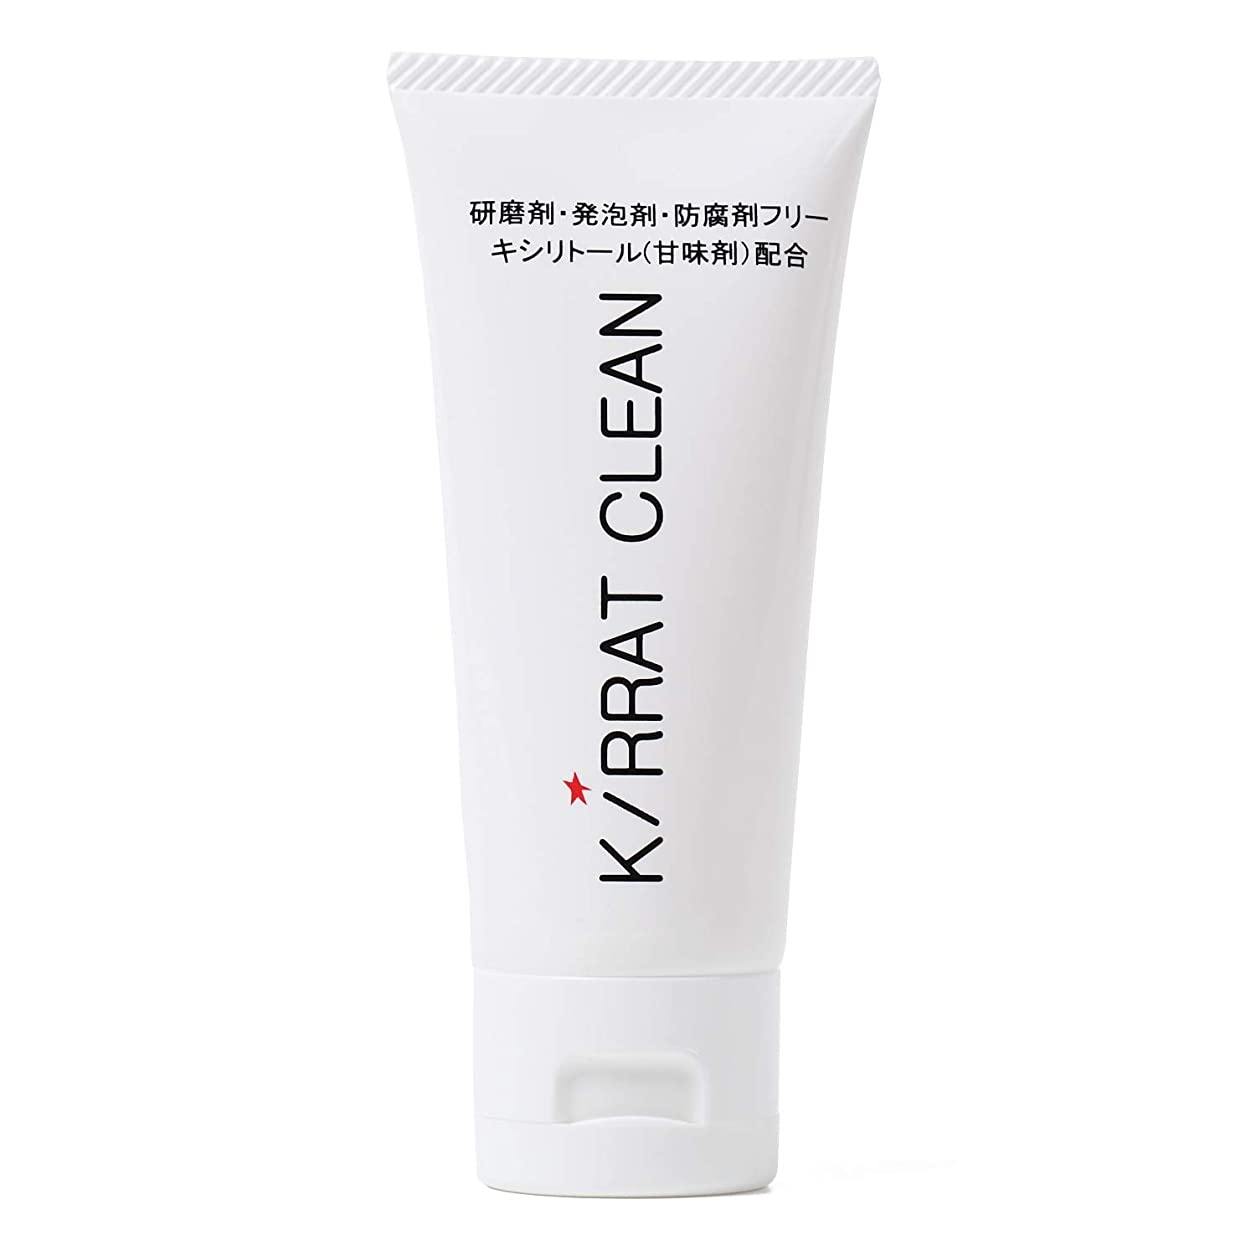 無効純粋にメカニックYUZO 歯磨き粉 キラットクリーン 60g 研磨剤 発泡剤 防腐剤フリー